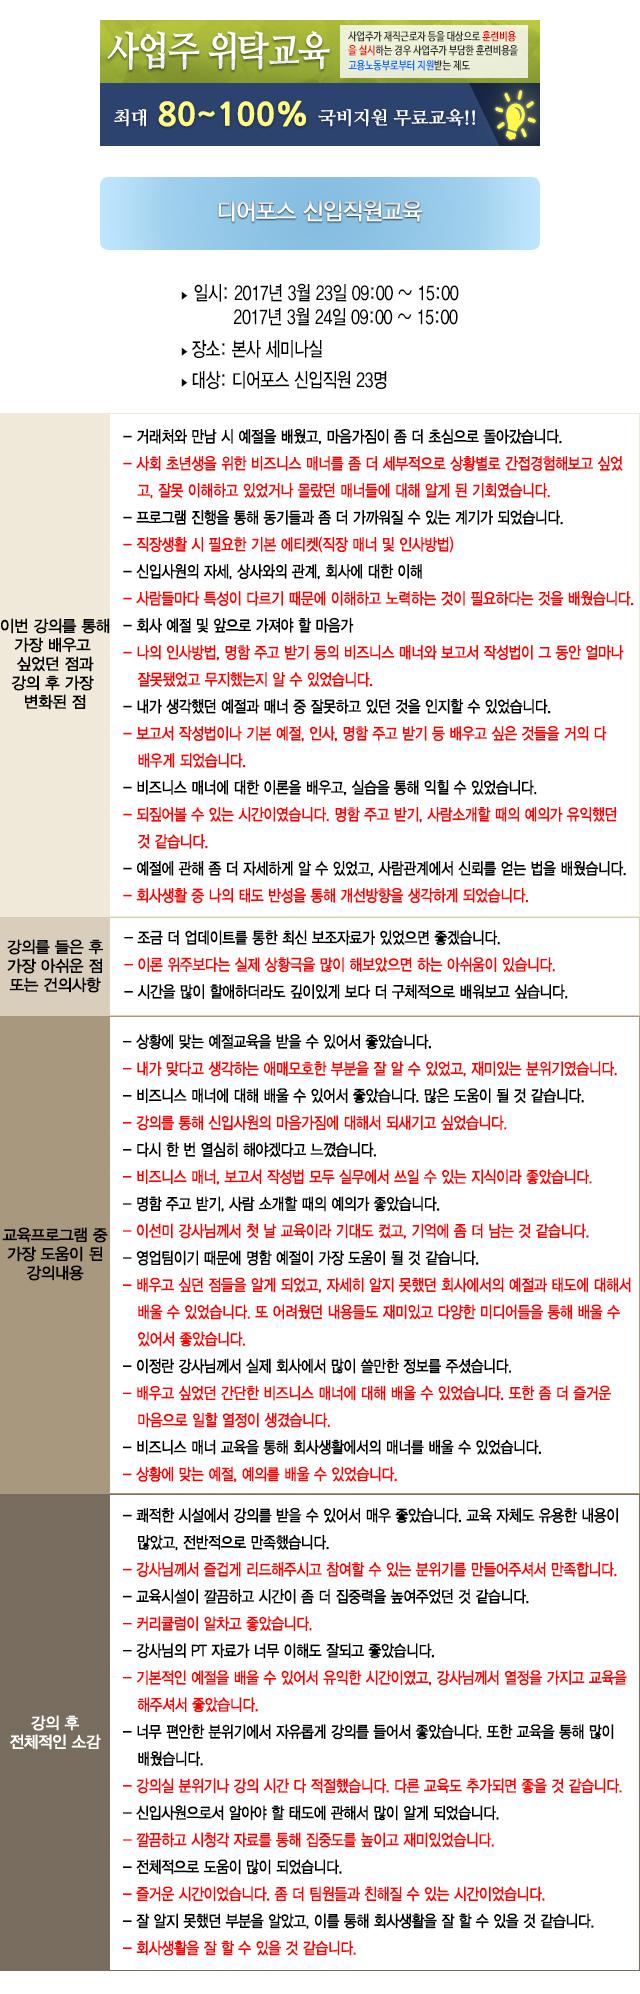 한국중앙인재개발원 후기 디어포스.jpg